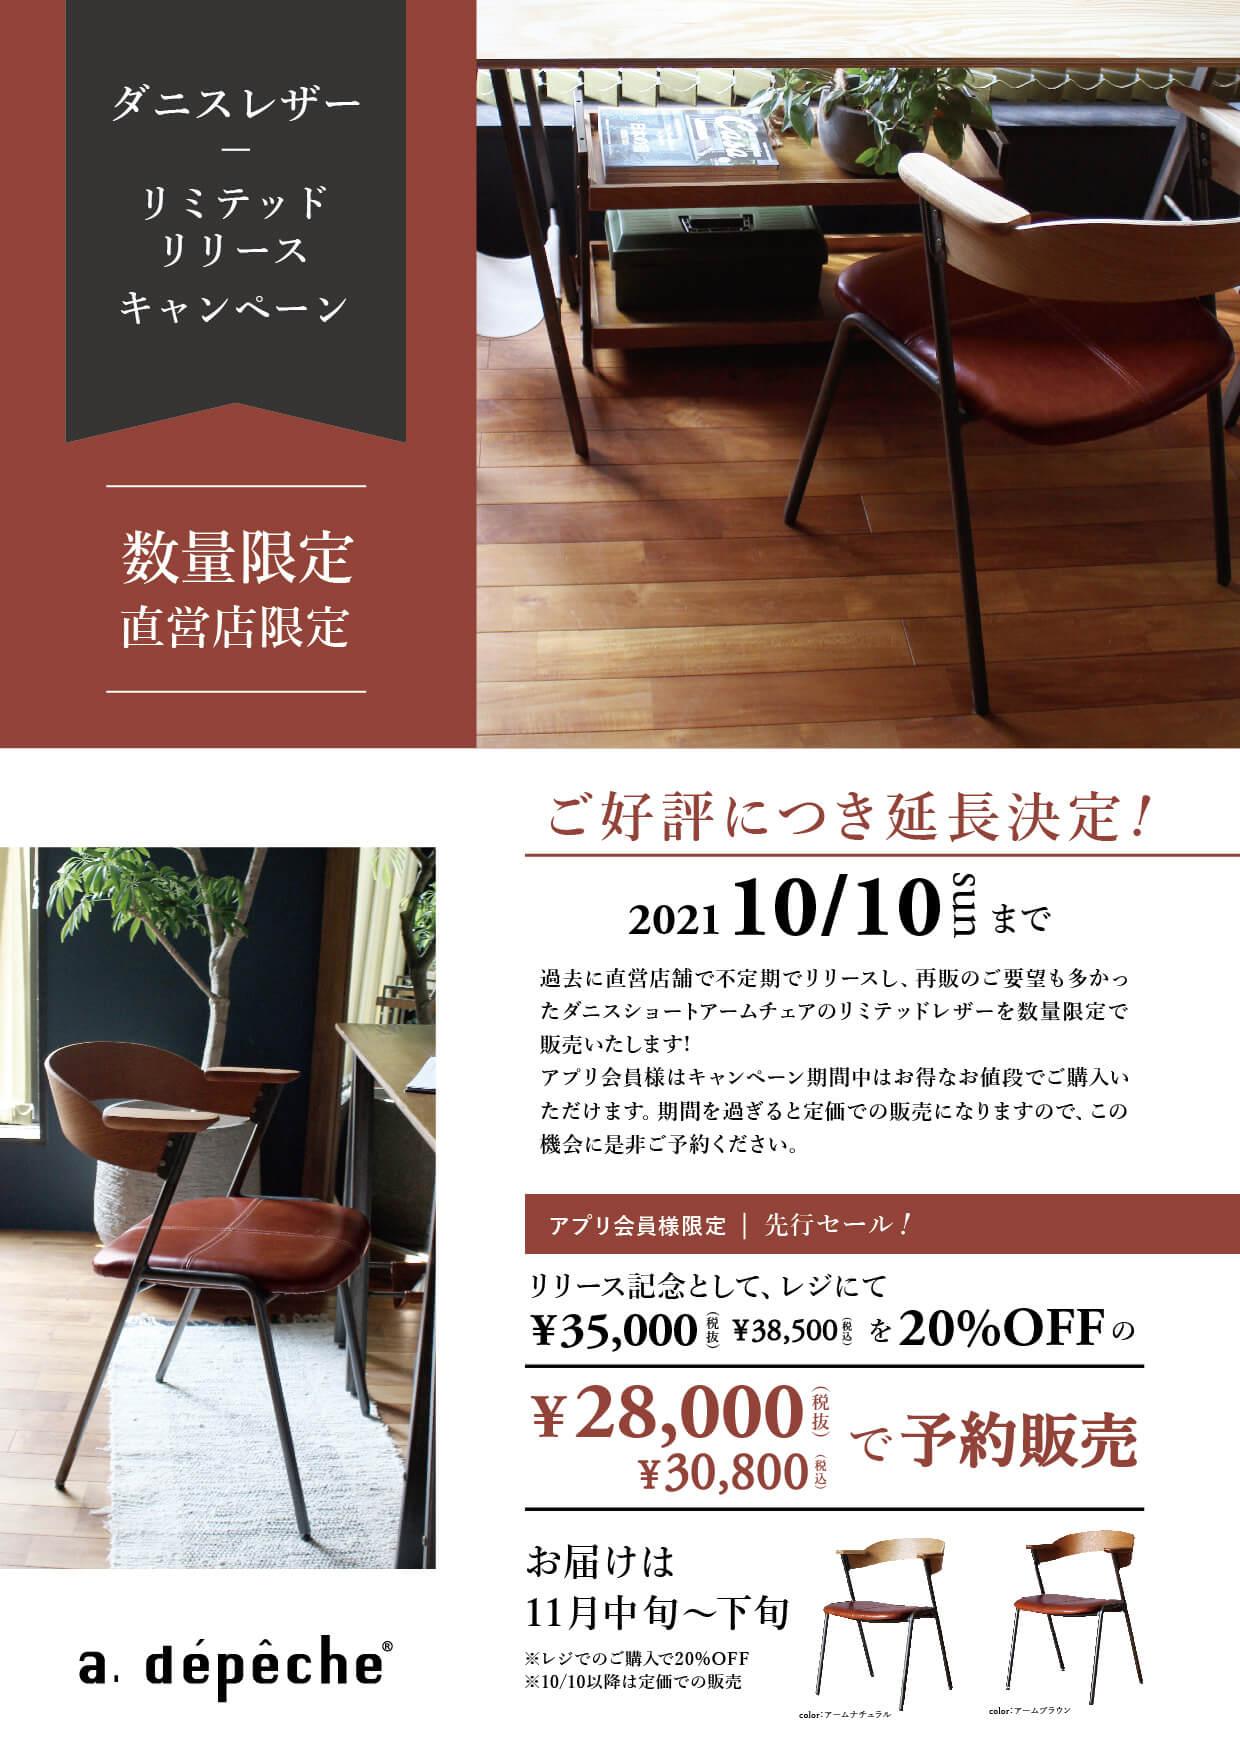 [danis short arm chair] ダニス リミテッドレザー リリースキャンペーン延長!